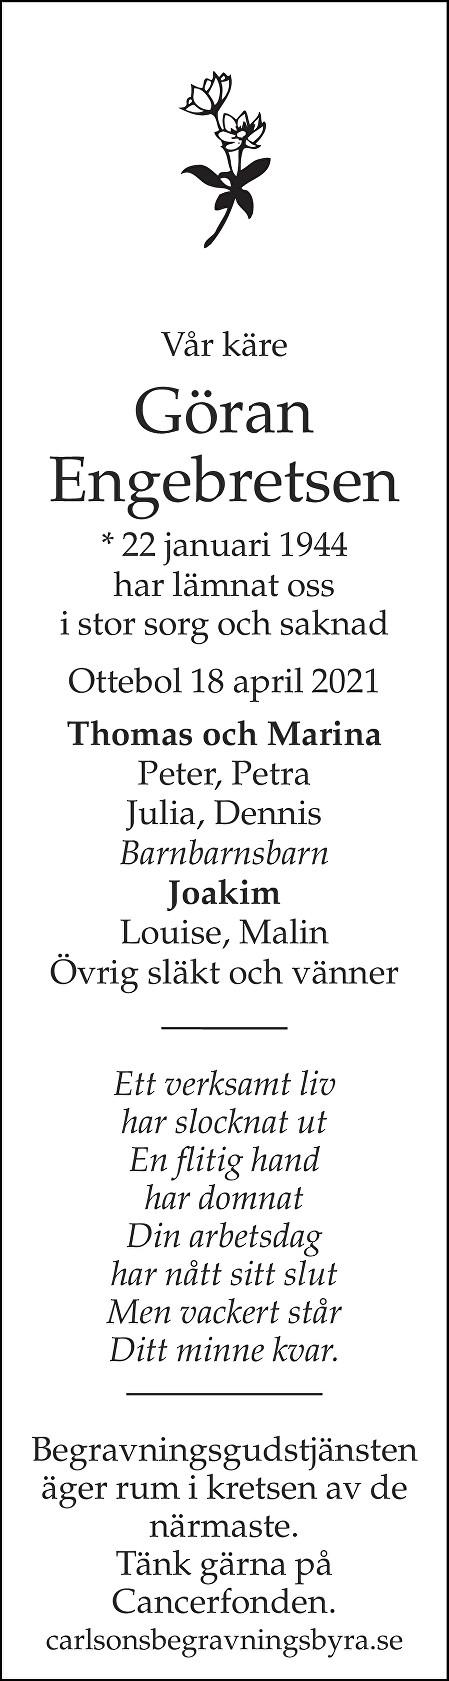 Göran Engebretsen Death notice